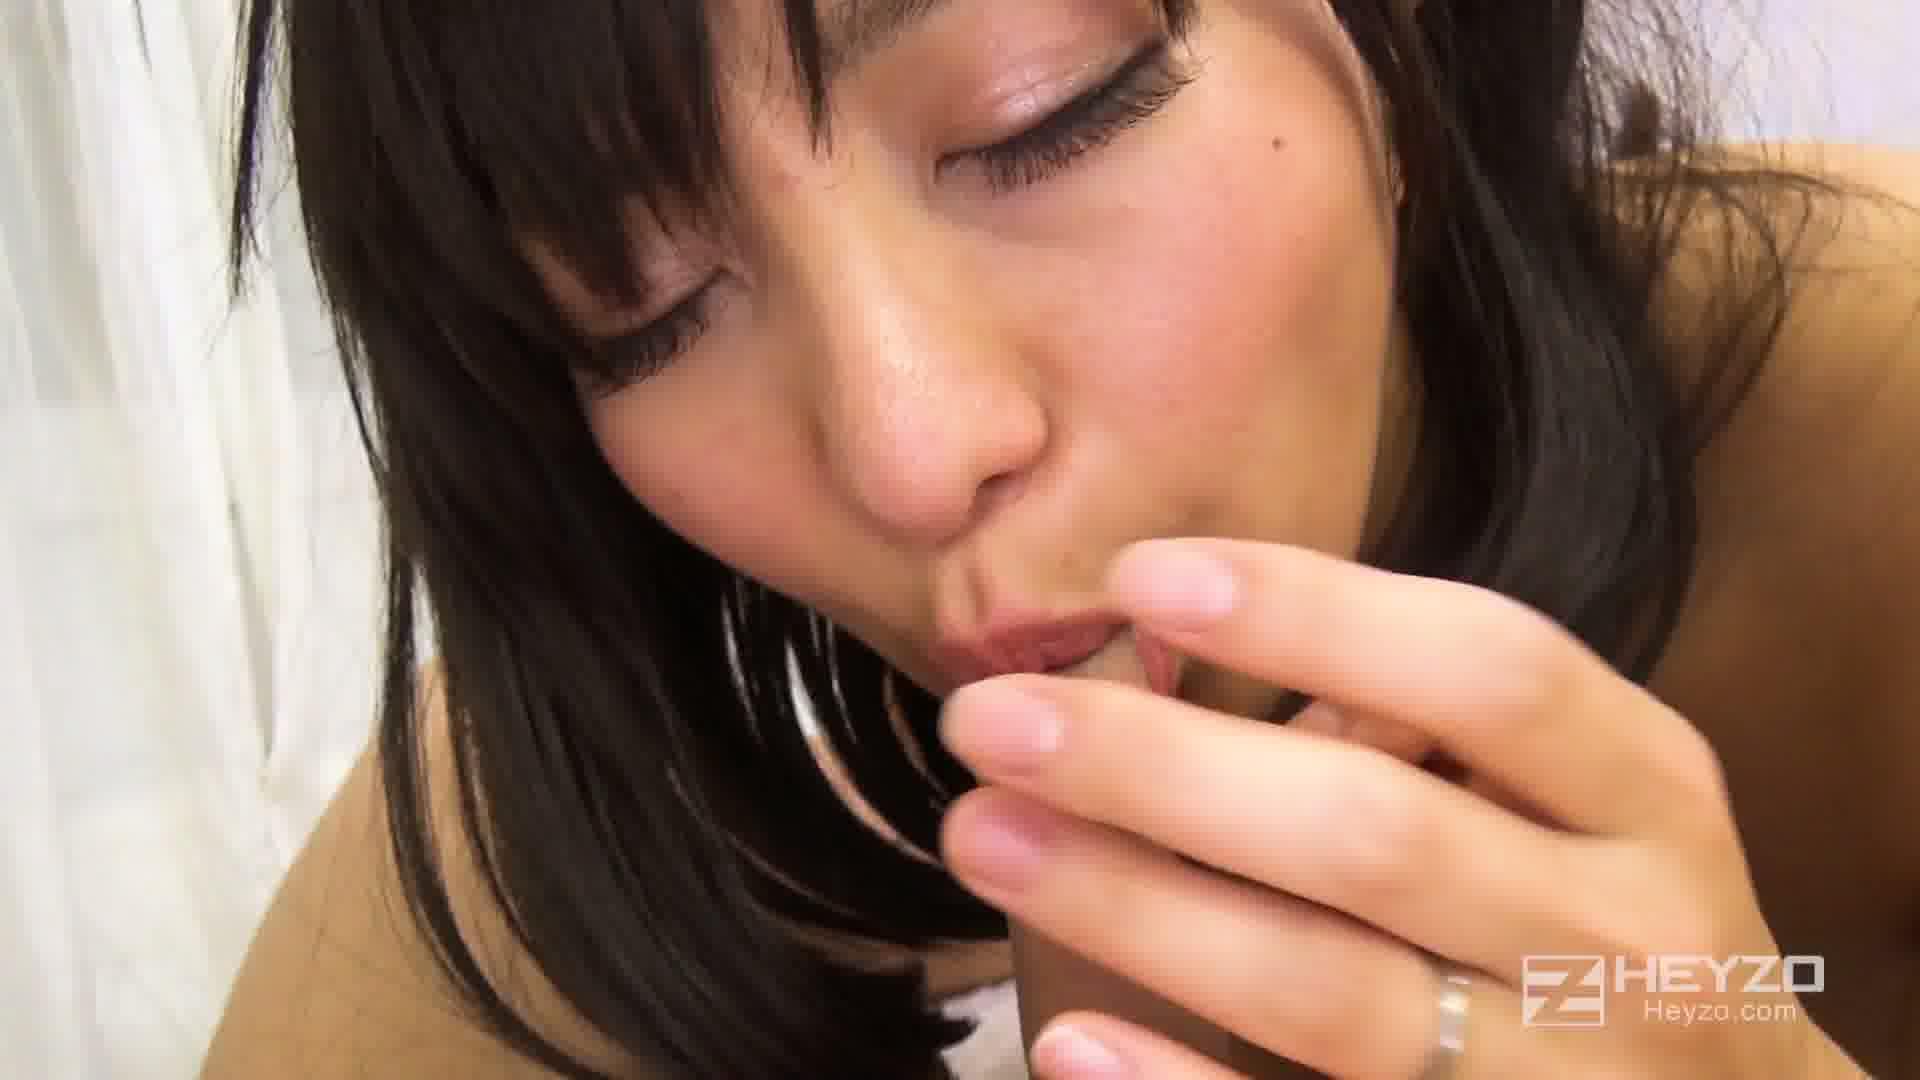 結婚前夜にハメを外してハメハメ - 広瀬優希【クンニ フェラ 正常位 中だし】